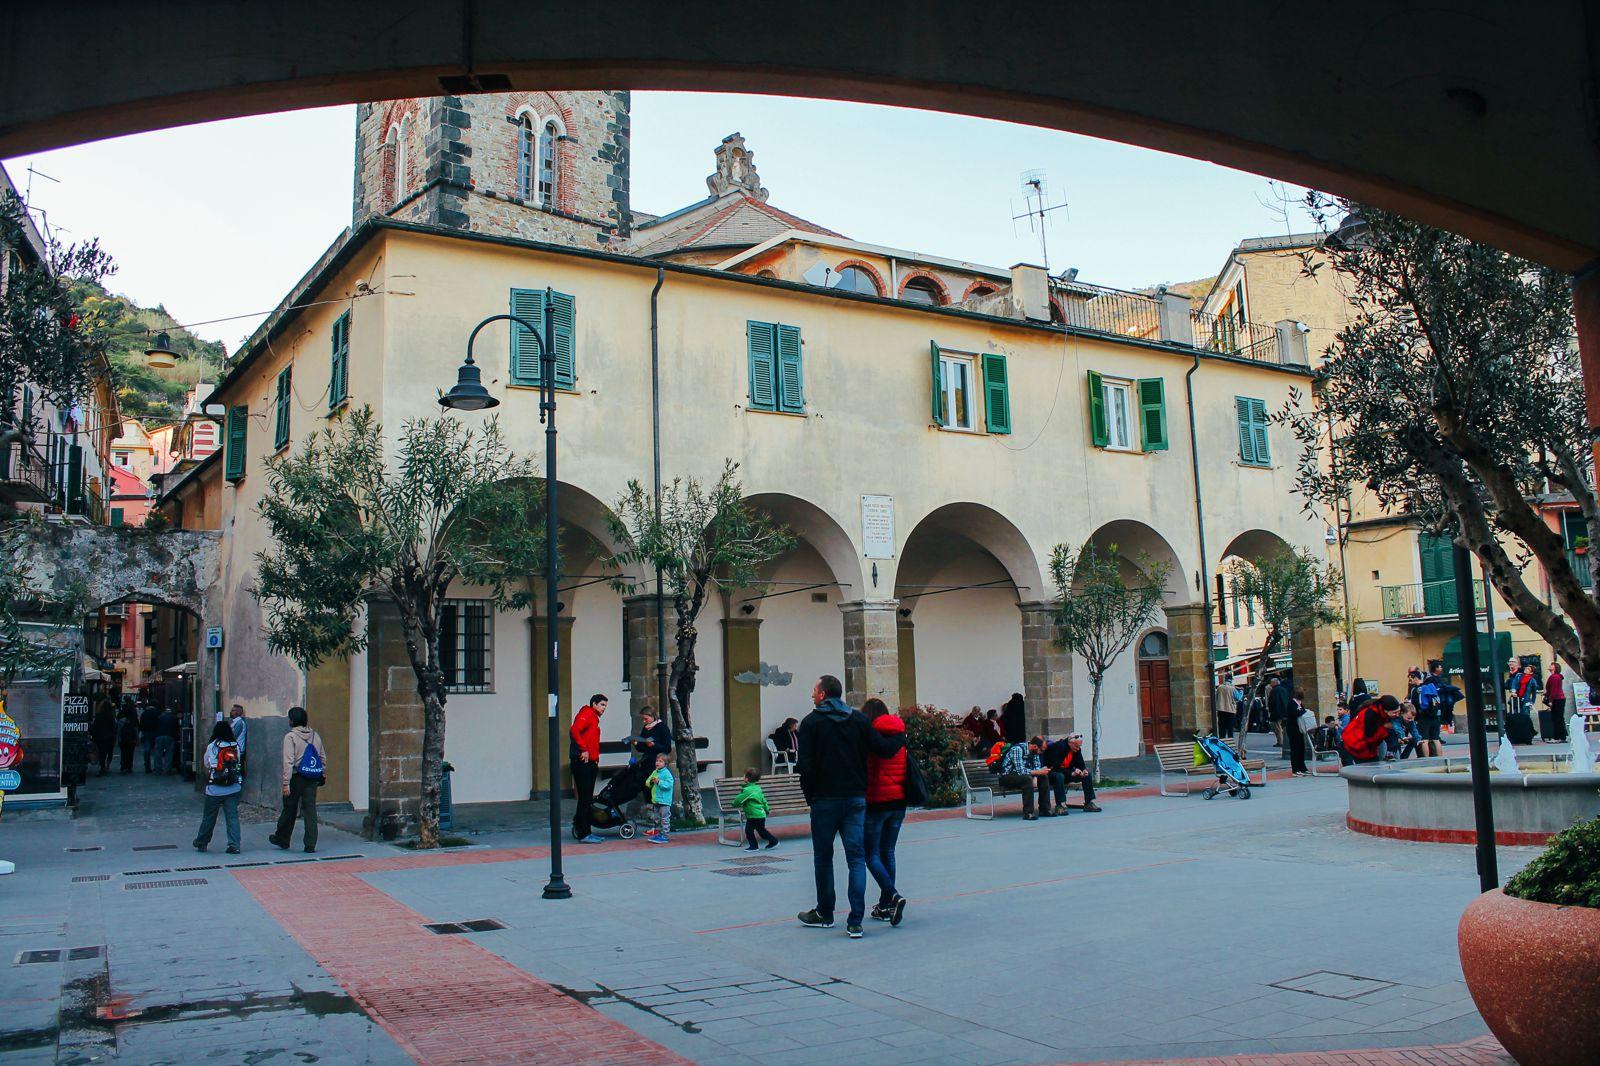 Monterosso al Mare in Cinque Terre, Italy - The Photo Diary! [5 of 5] (8)